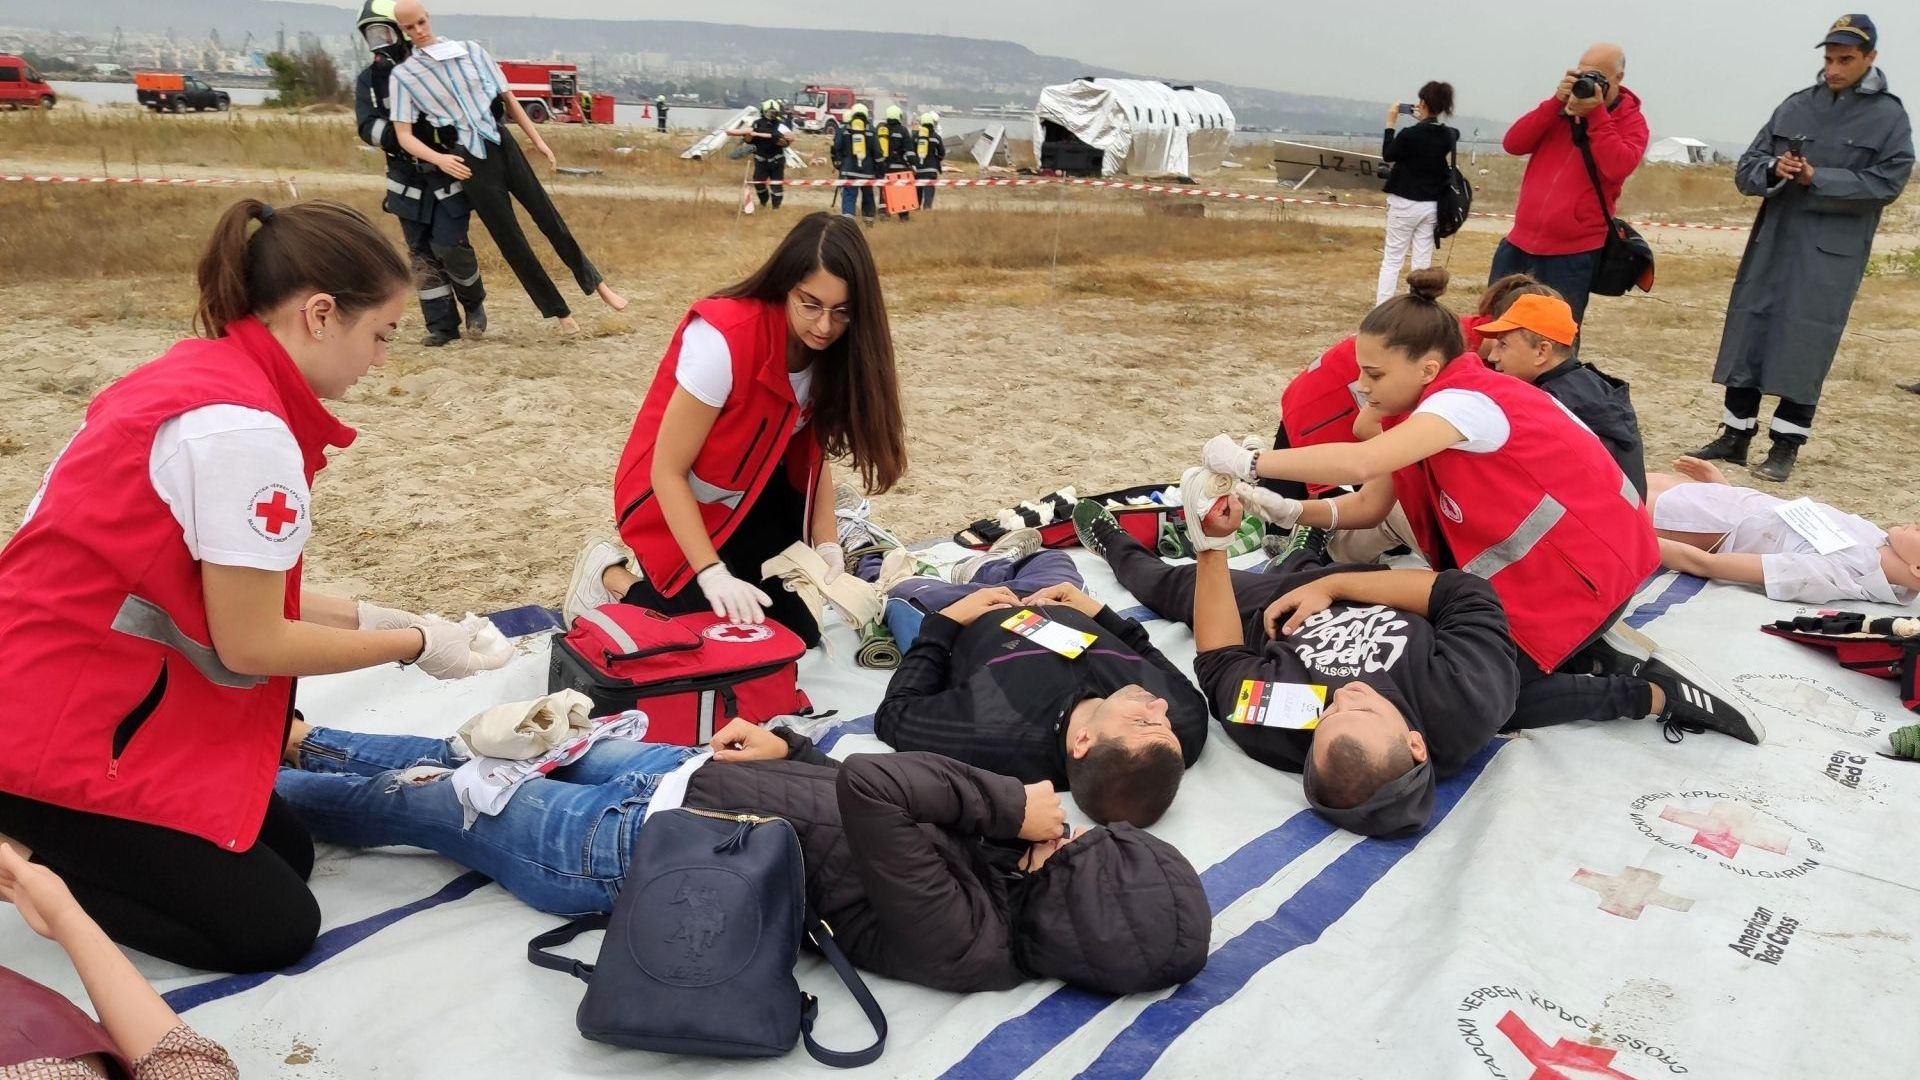 Снимка: Спасяваха хора от катастрофирал самолет на плажа във Варна на учение